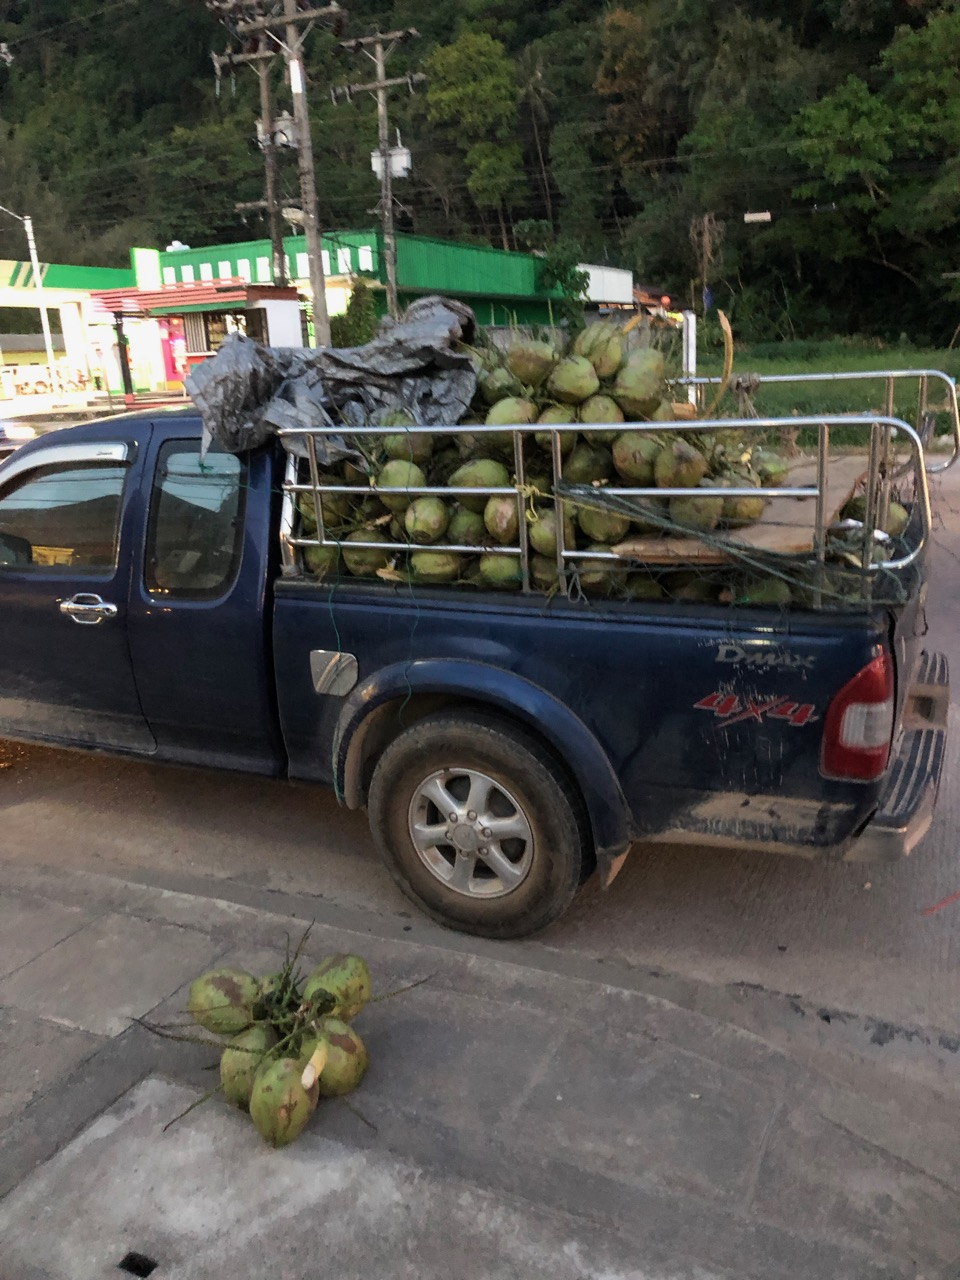 Kokosnötsleverans. De är verkligen överallt här.